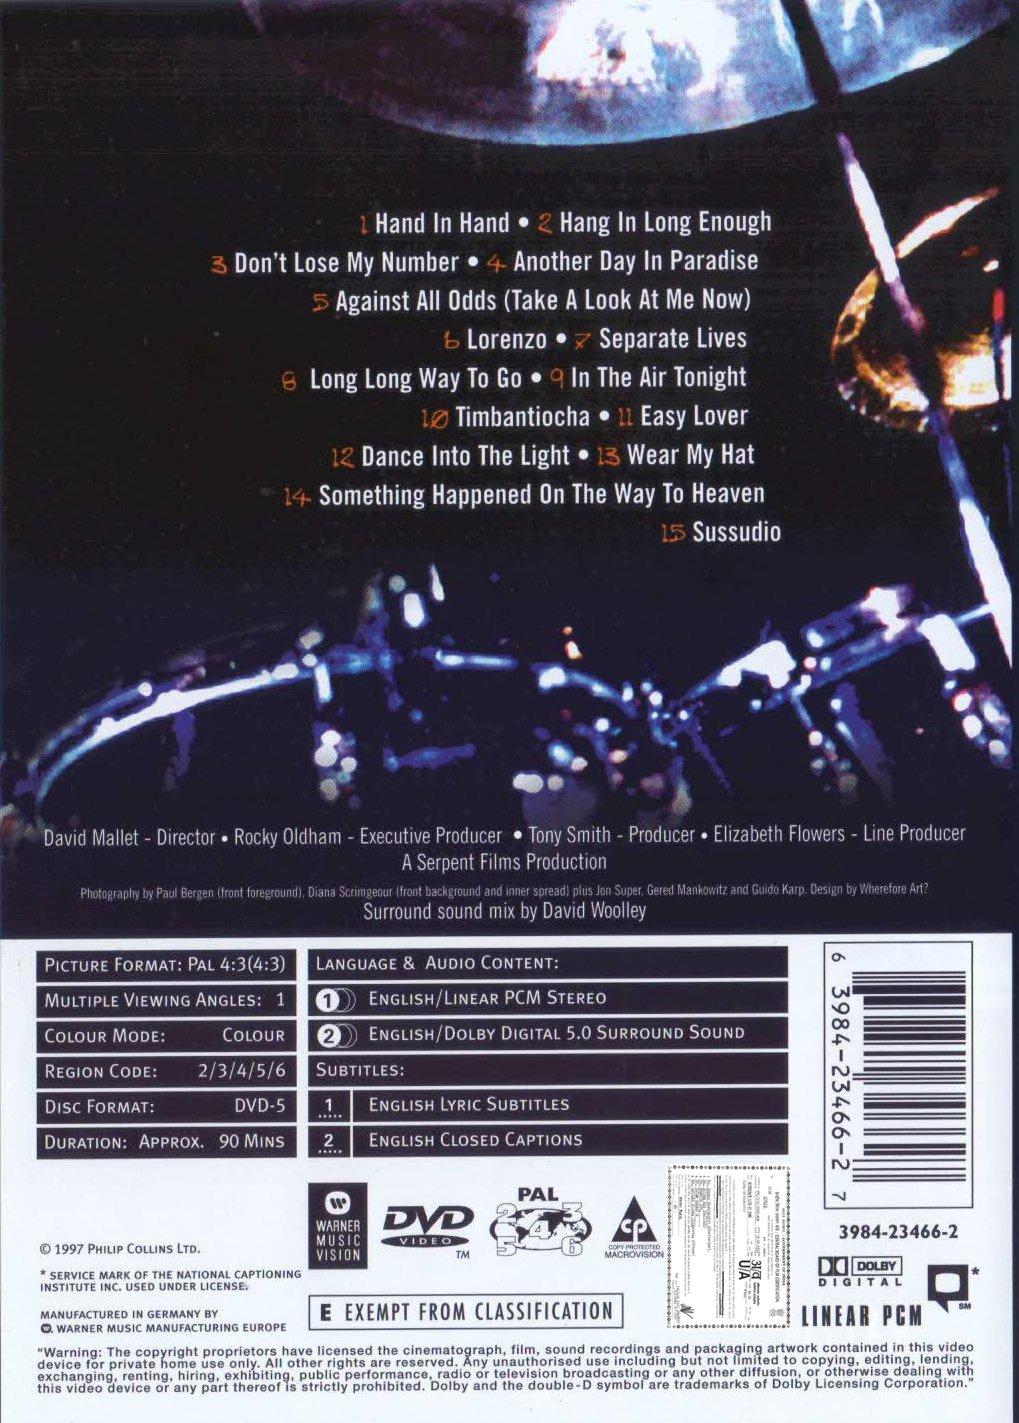 Phil Collins - Live & Loose in Paris by Warner Vision Uk